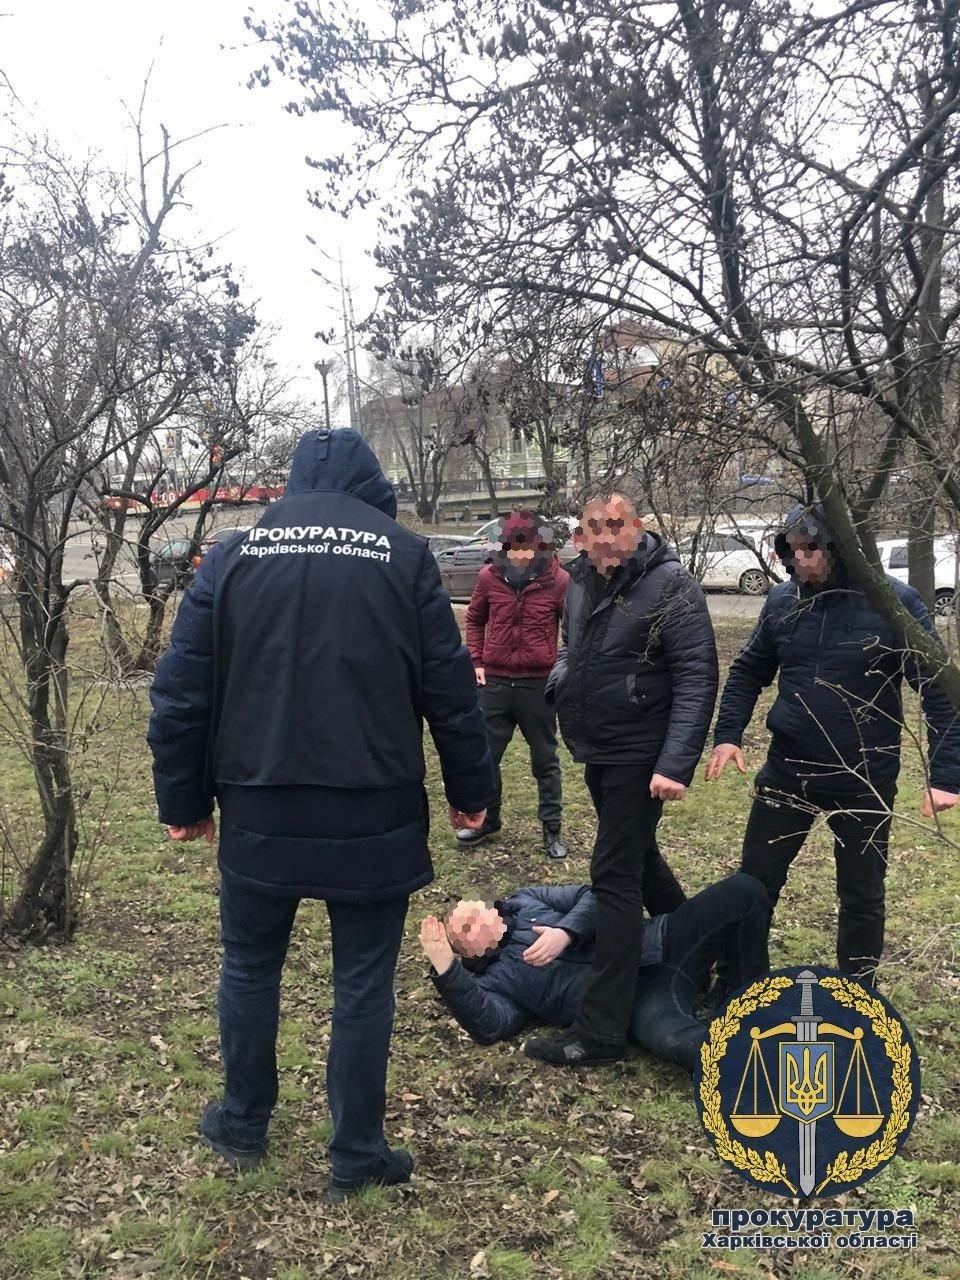 Бросил своего 8-летнего ребенка и попытался сбежать: в Харькове попался на взятке подполковник полиции, - ФОТО, фото-2